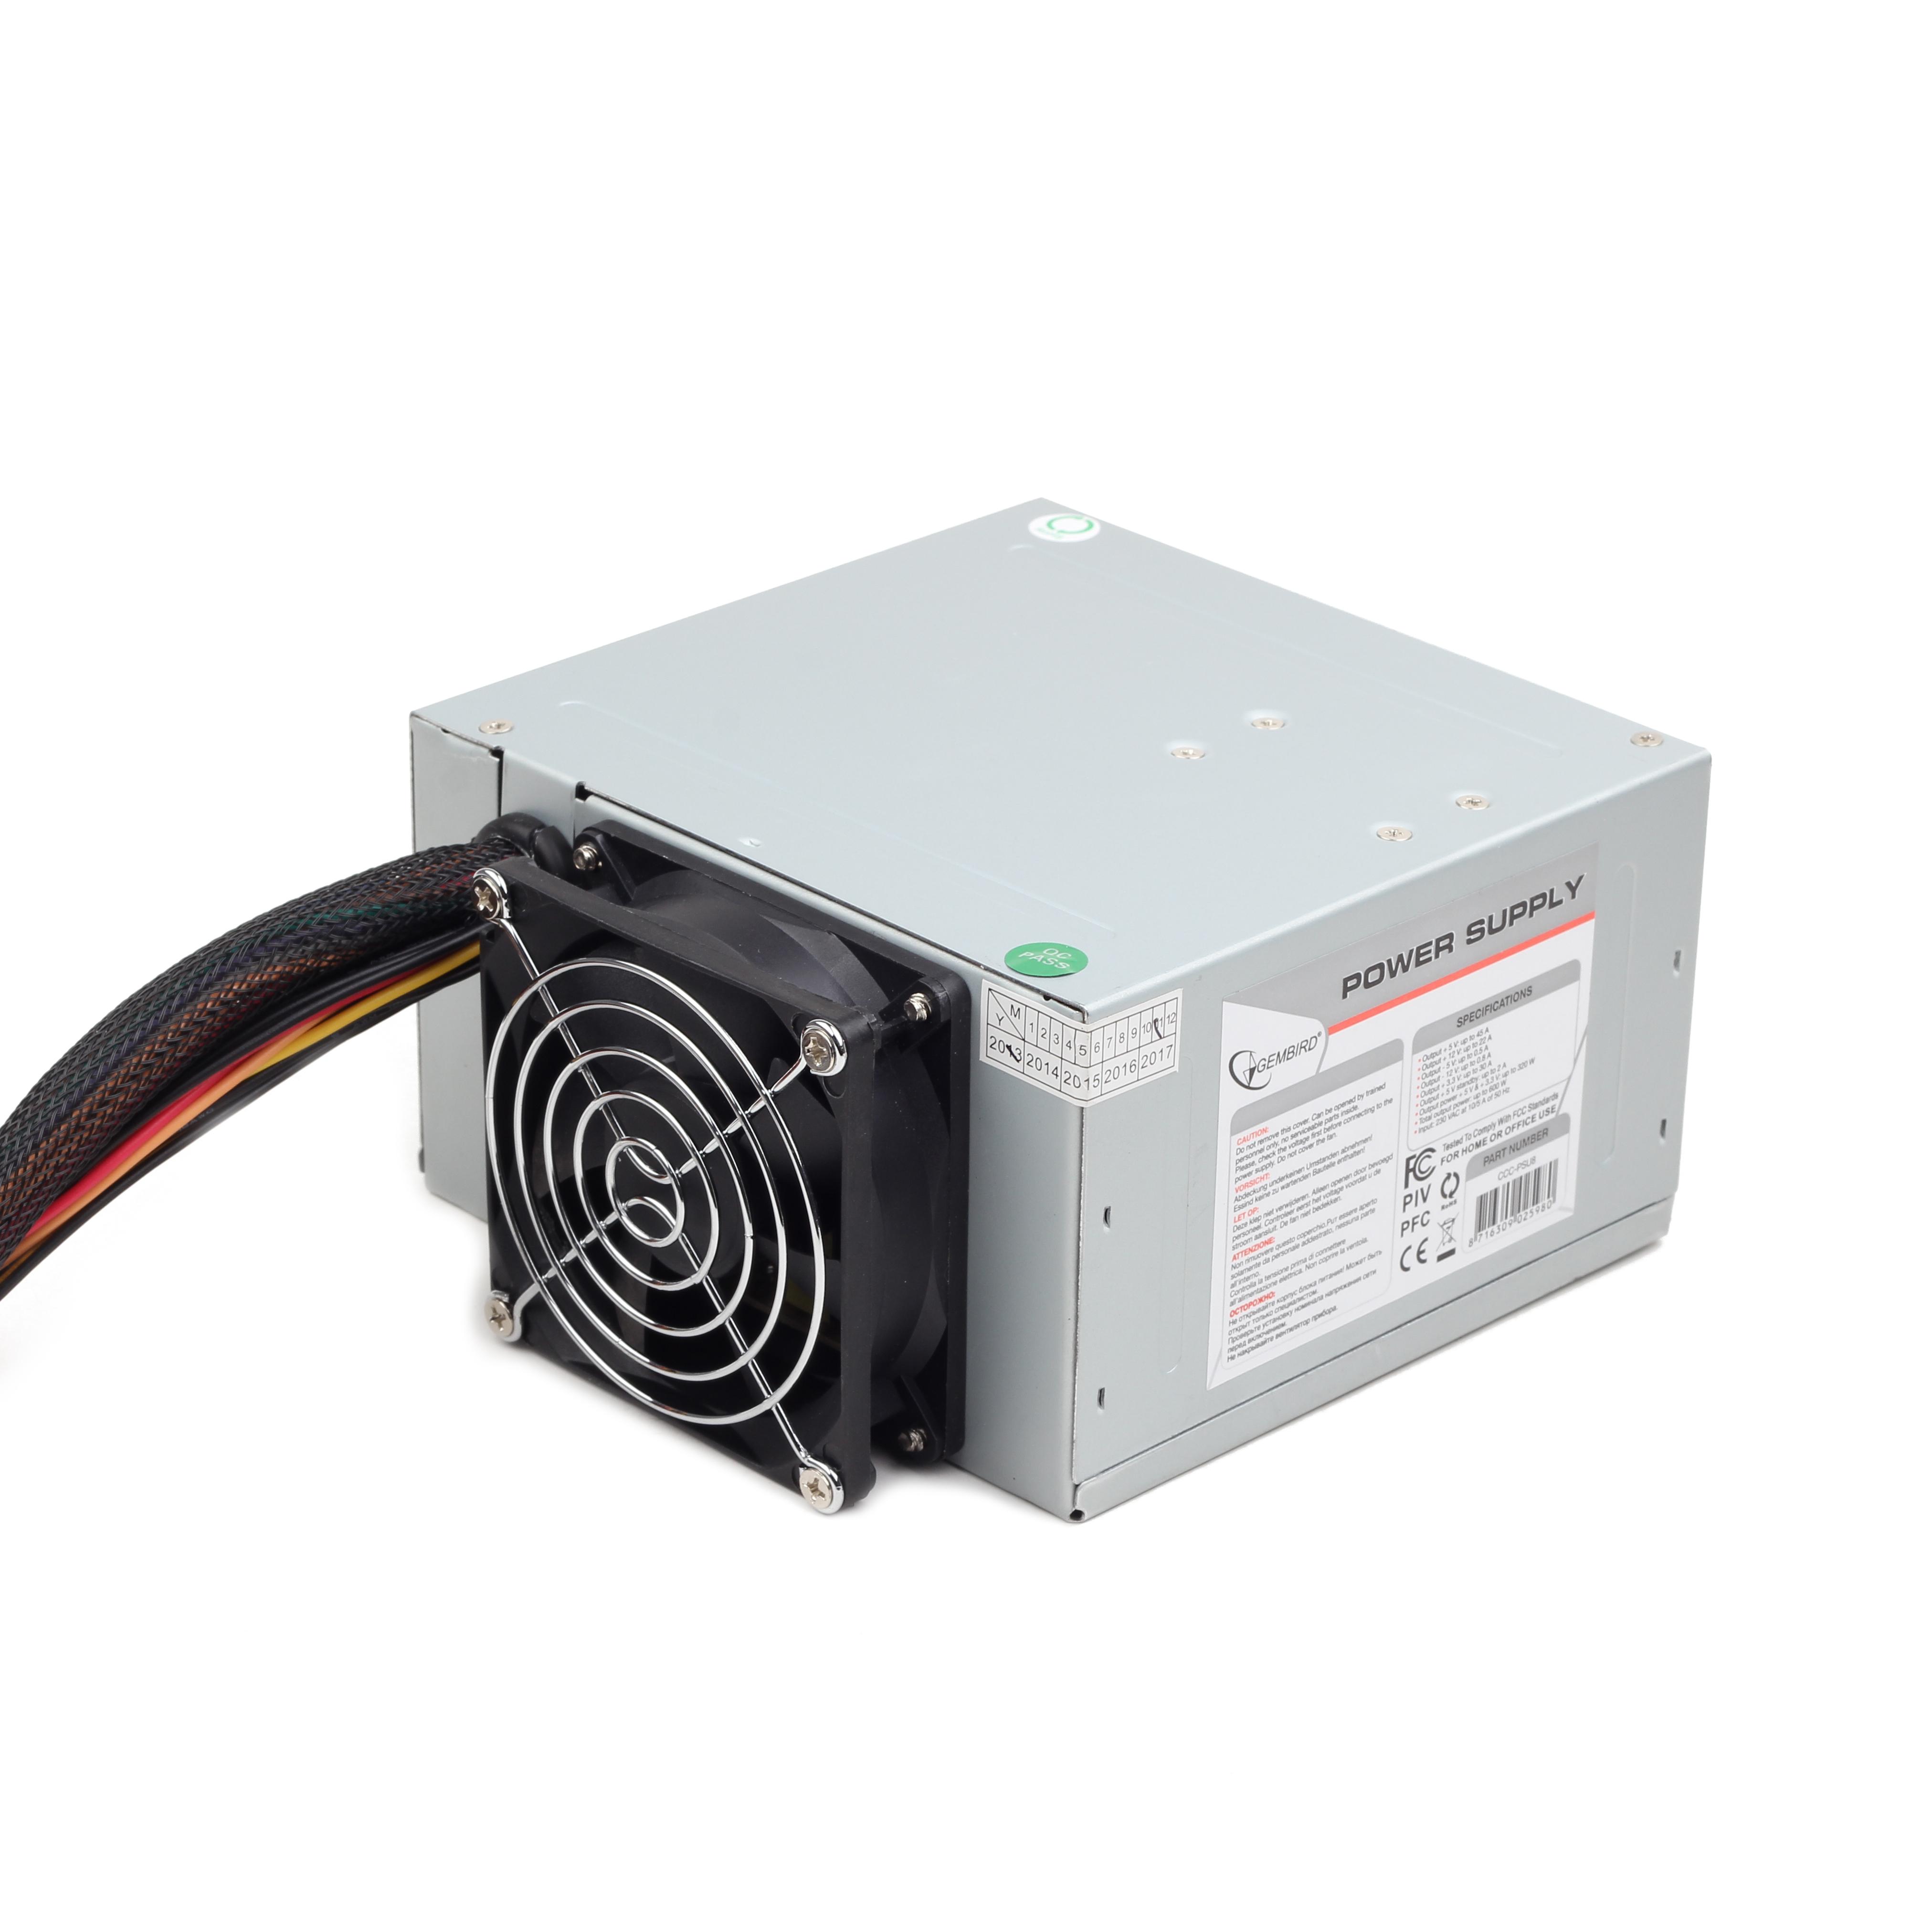 Power supply 500W ATX/BTX, CE, PFC, low noise, dual fan (CCC-PSU6)